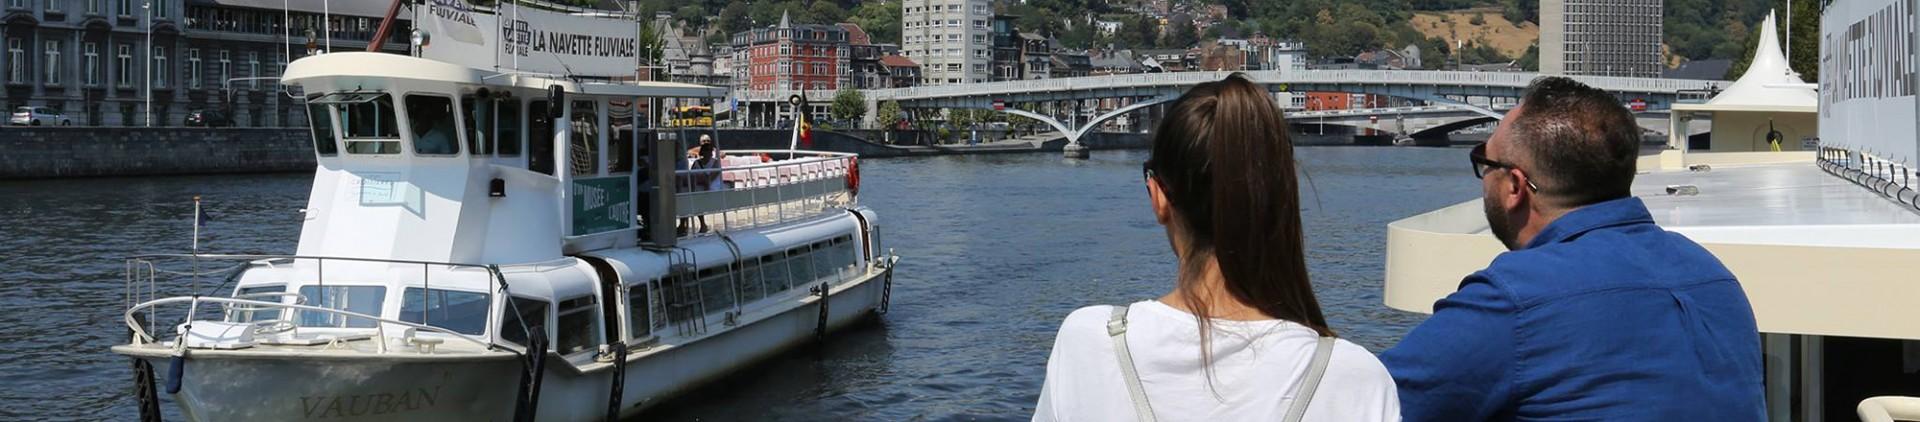 Flussfahrten im Provinz Lüttich